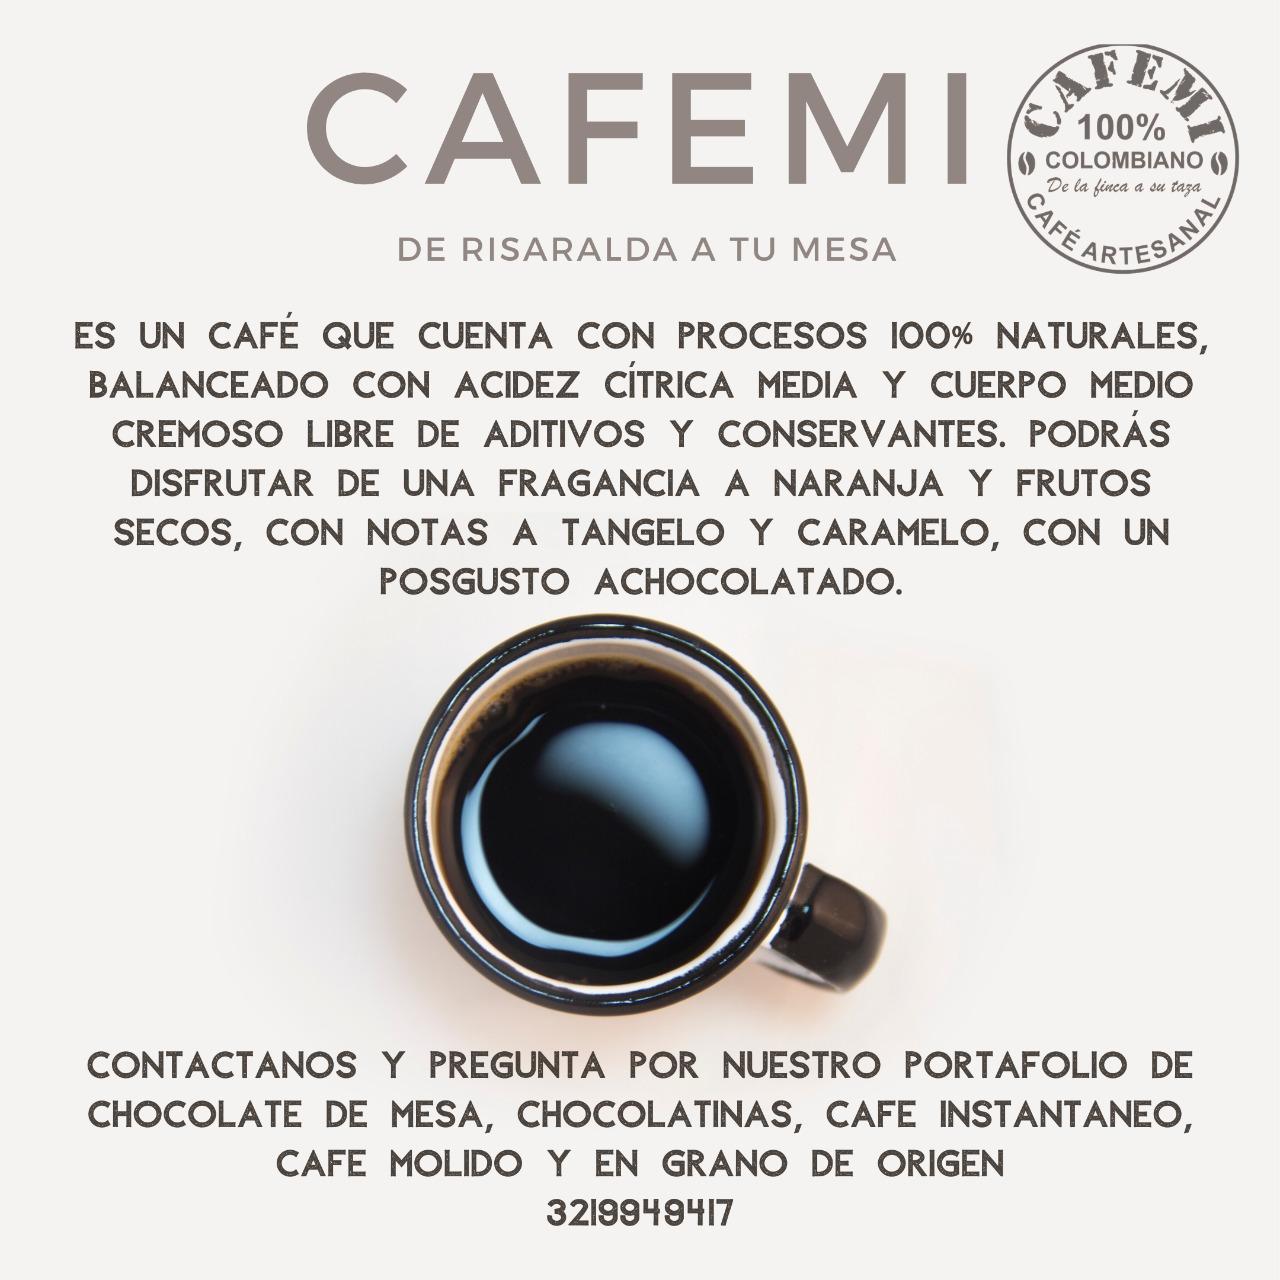 Cafemi.jfif